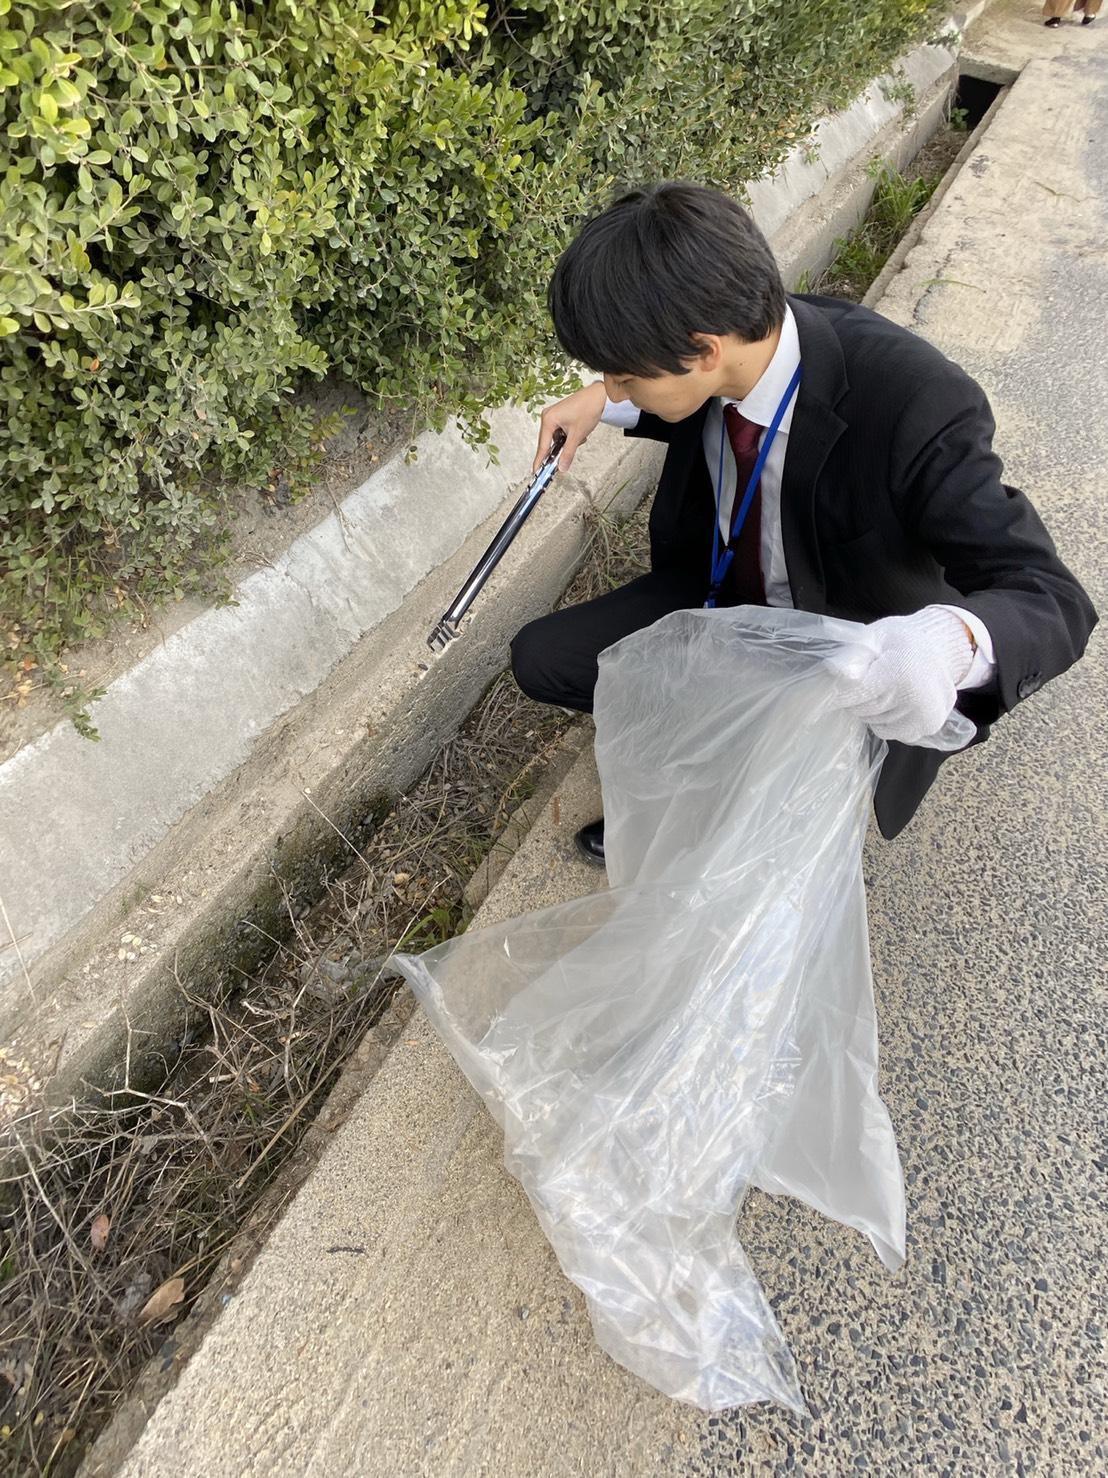 11月 児島湾周辺の 清掃活動